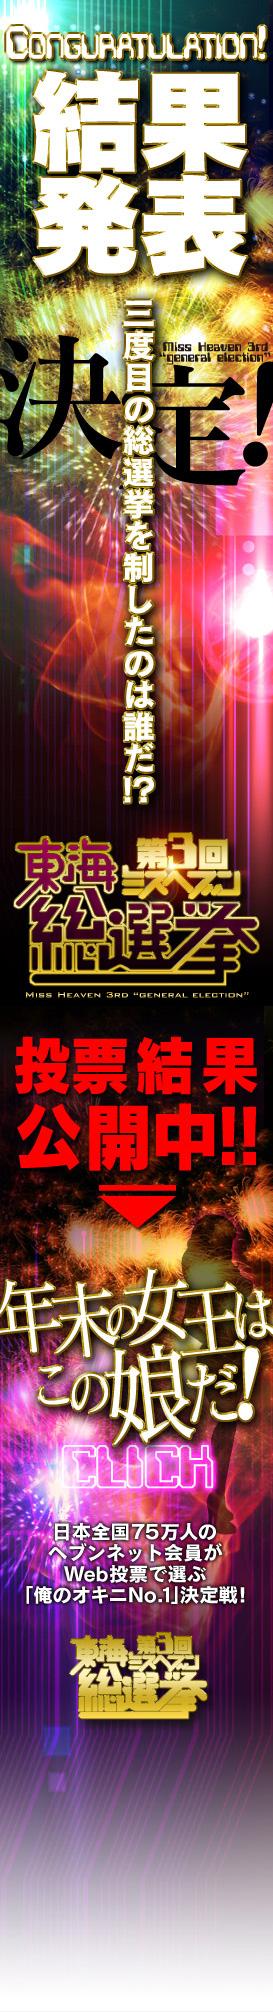 ①左 東海ミスヘブン総選挙2014_エリアトップ ヘブンジャックバナー